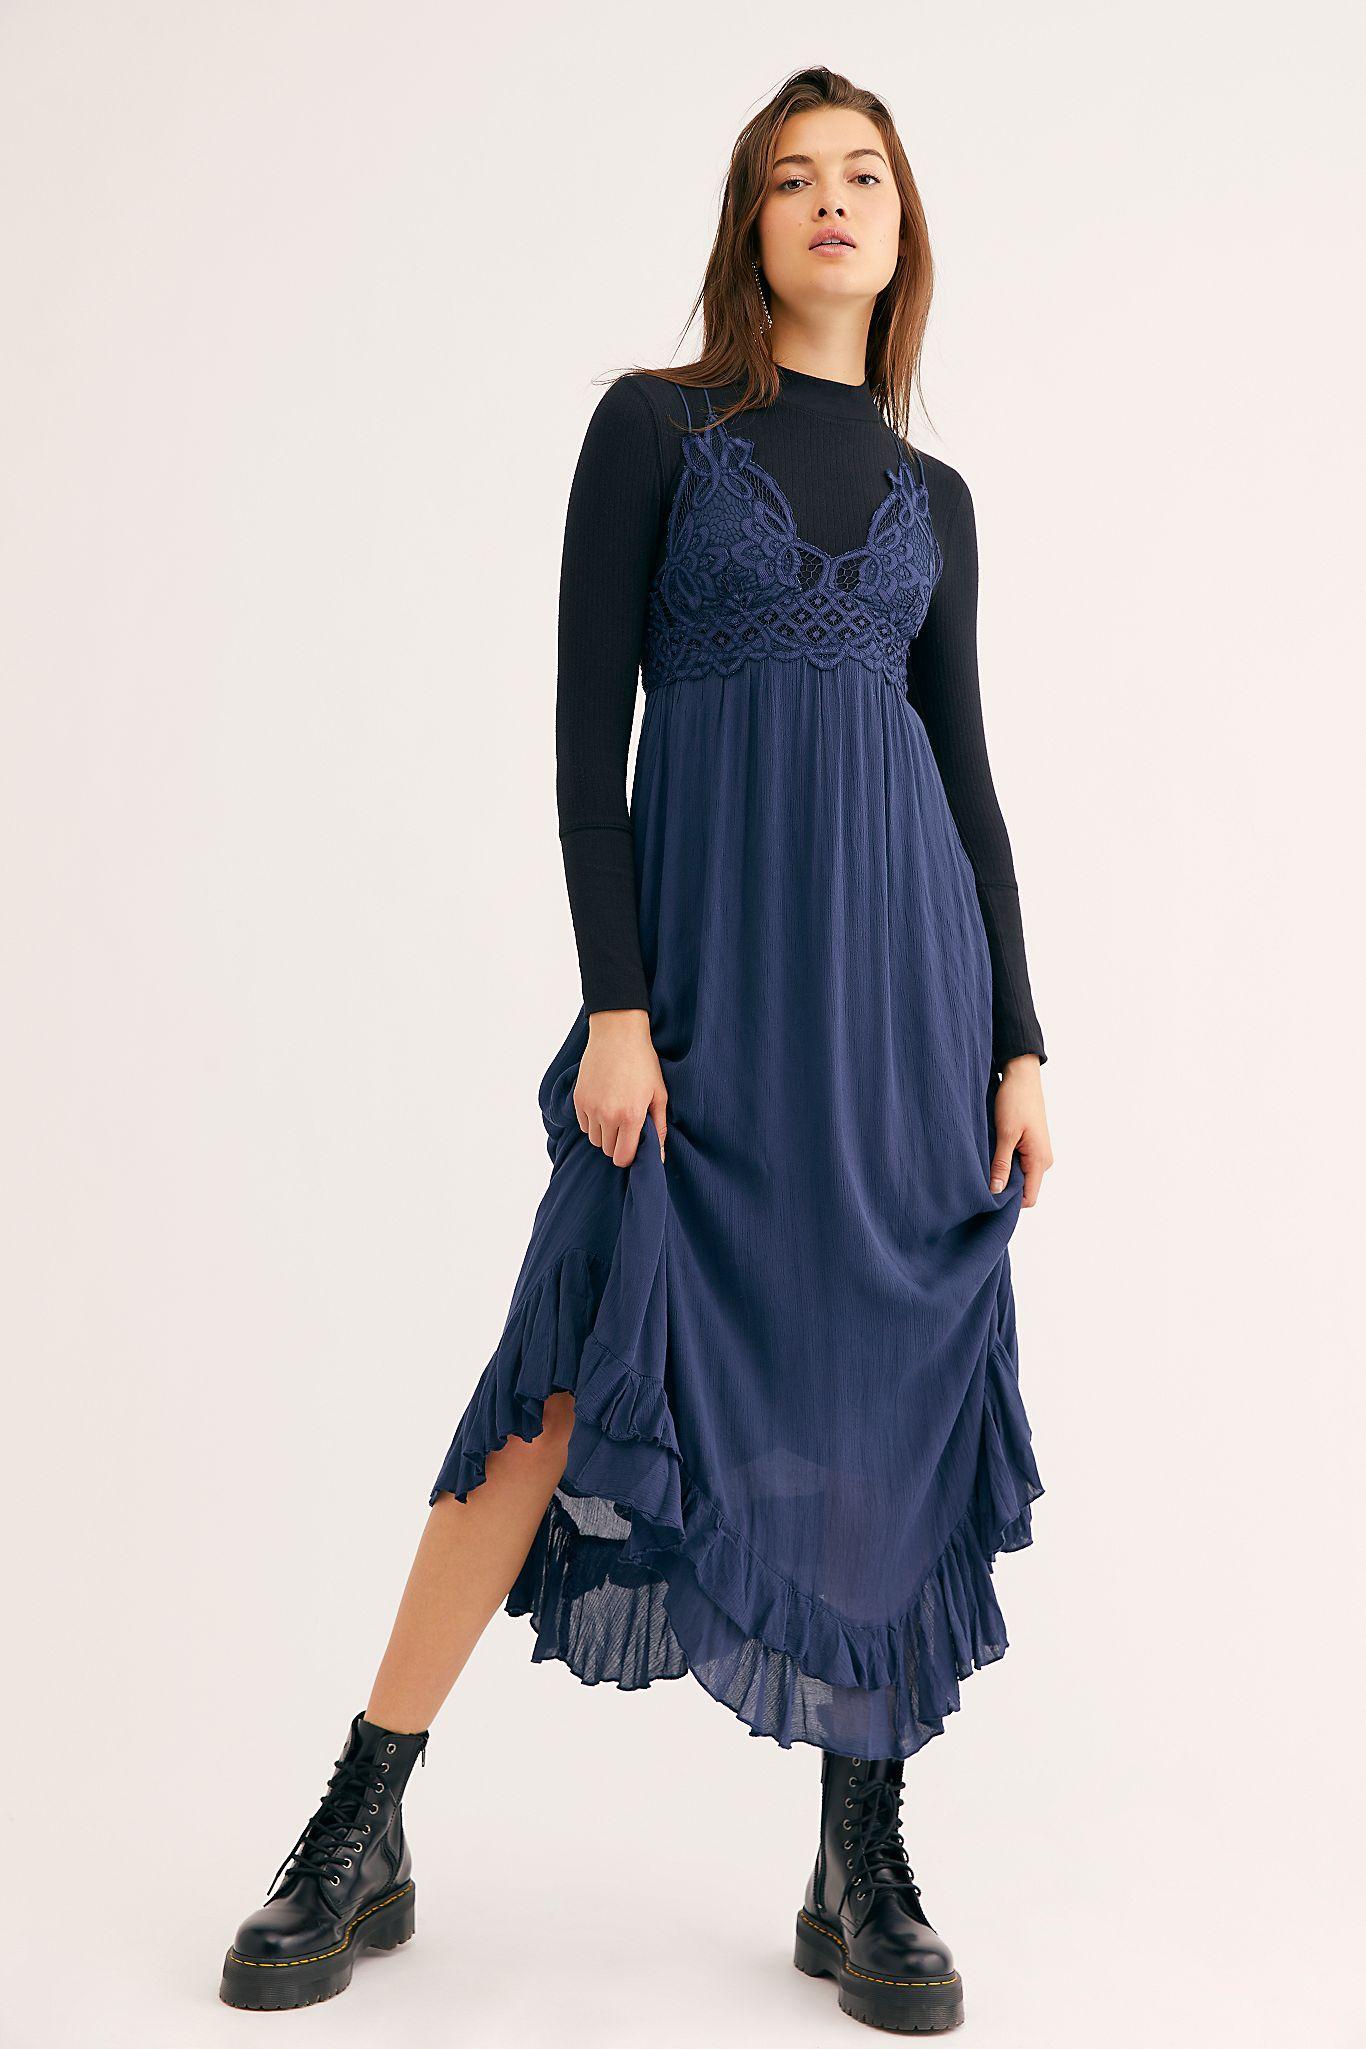 Santa Maria Maxi Dress In 2020 Maxi Dress Maxi Dress Navy Midnight Blue [ 2049 x 1366 Pixel ]